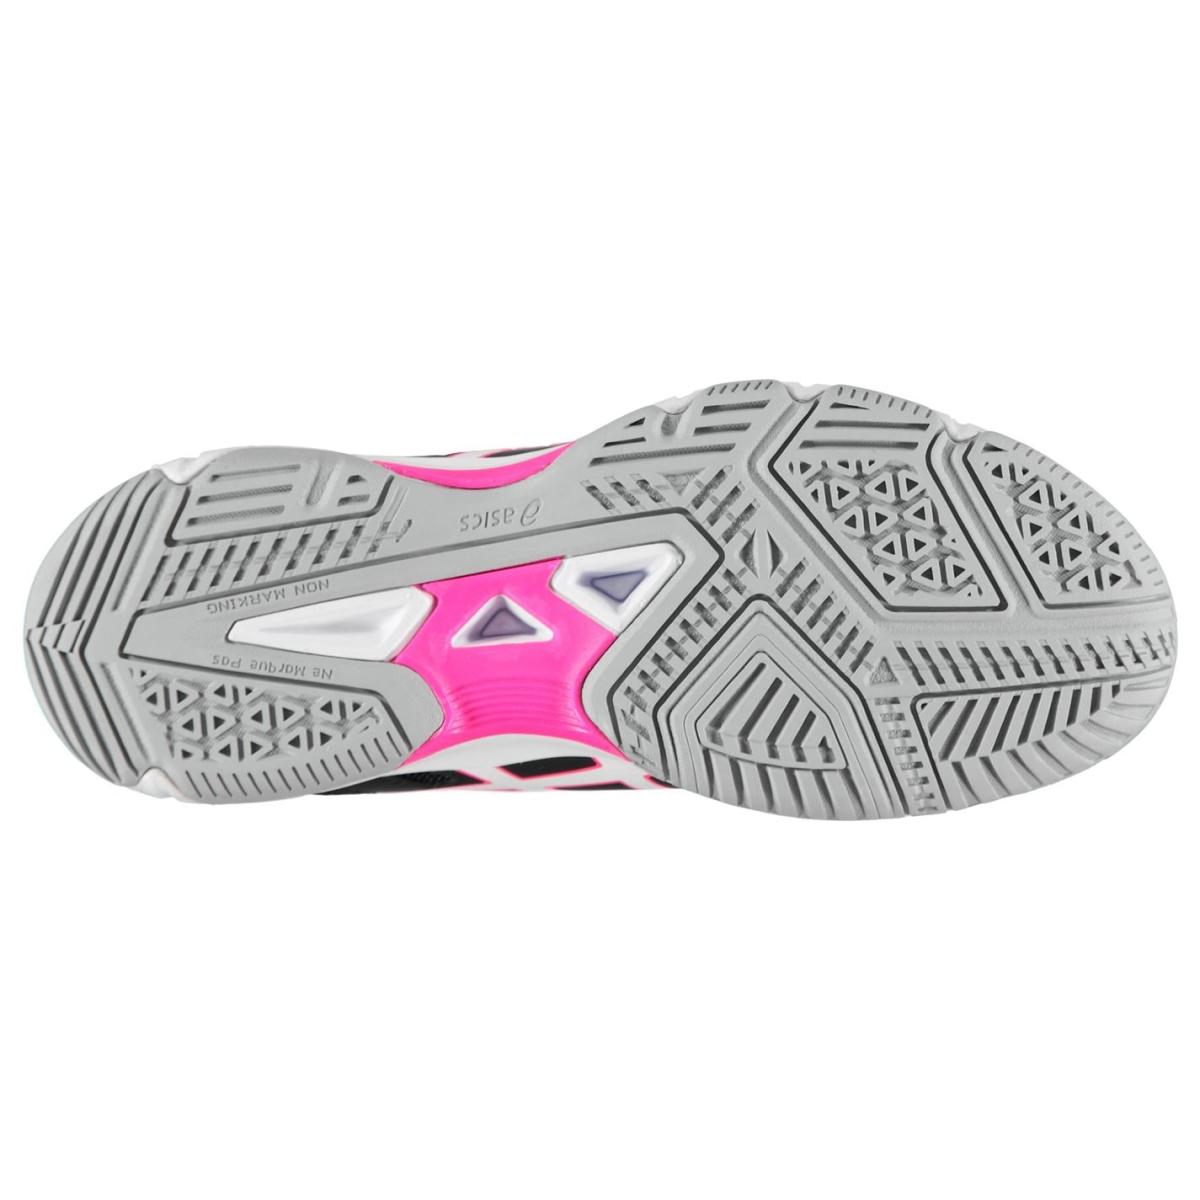 Asics-Gel-Beyond-5-Turnschuhe-Damen-Sneaker-Sportschuhe-Laufschuhe-0477 Indexbild 3